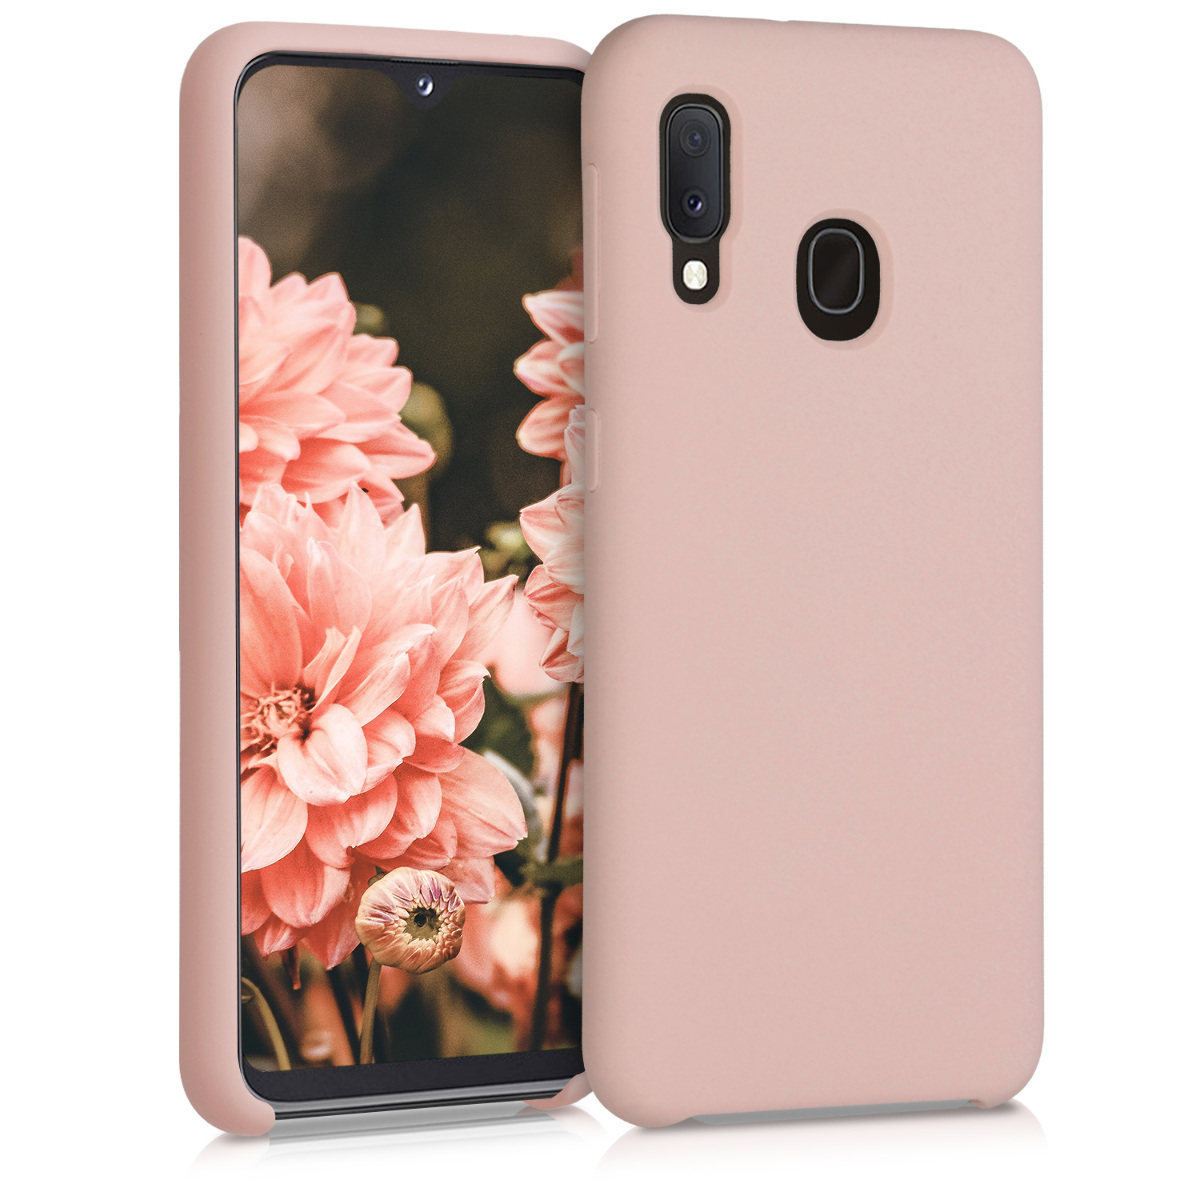 Kvalitní silikonové TPU pouzdro pro Samsung A20e - Antique růžové matné